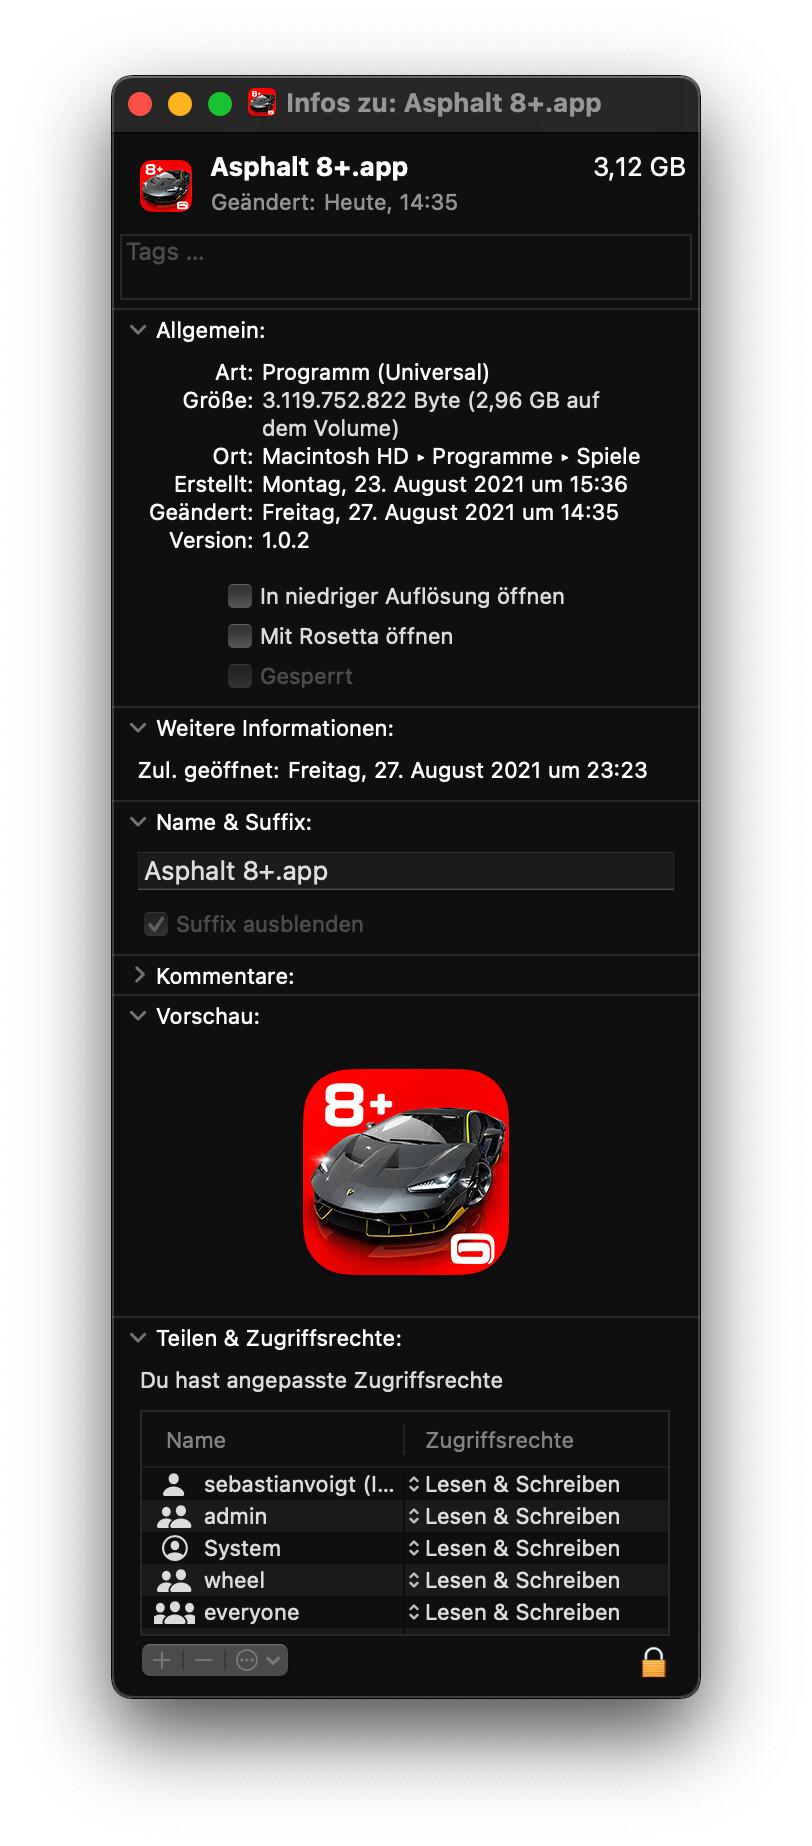 Bildschirmfoto 2021-08-27 um 23.24.05